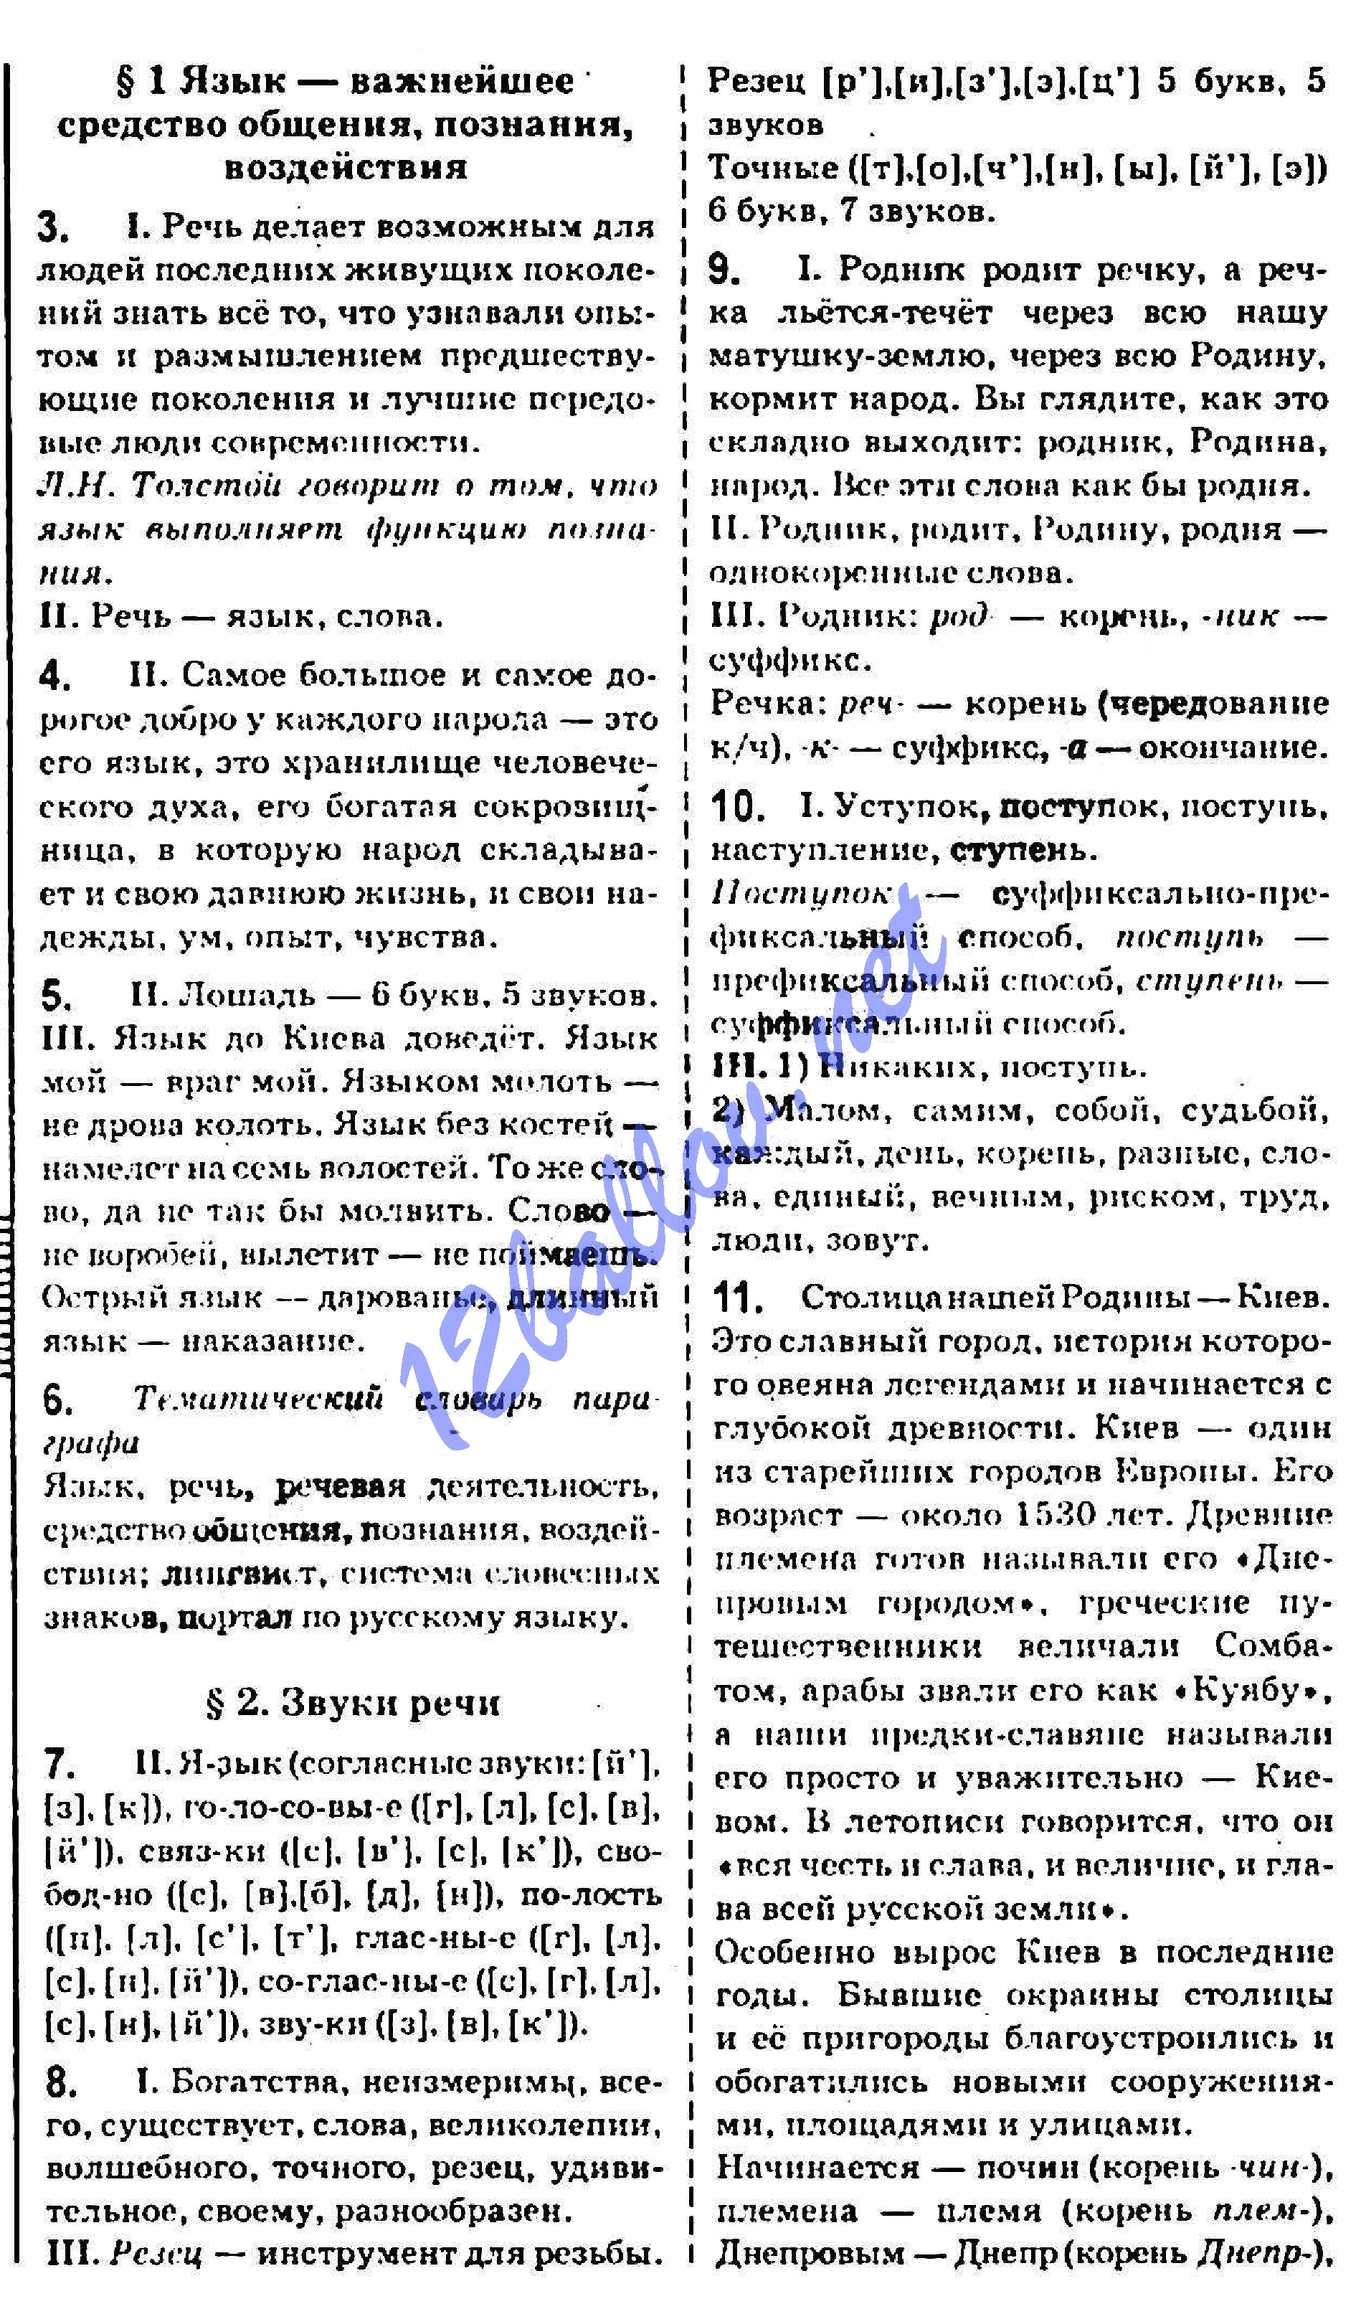 Решебник по русскому языку 5 класс быкова давидюк снитко рачко гдз